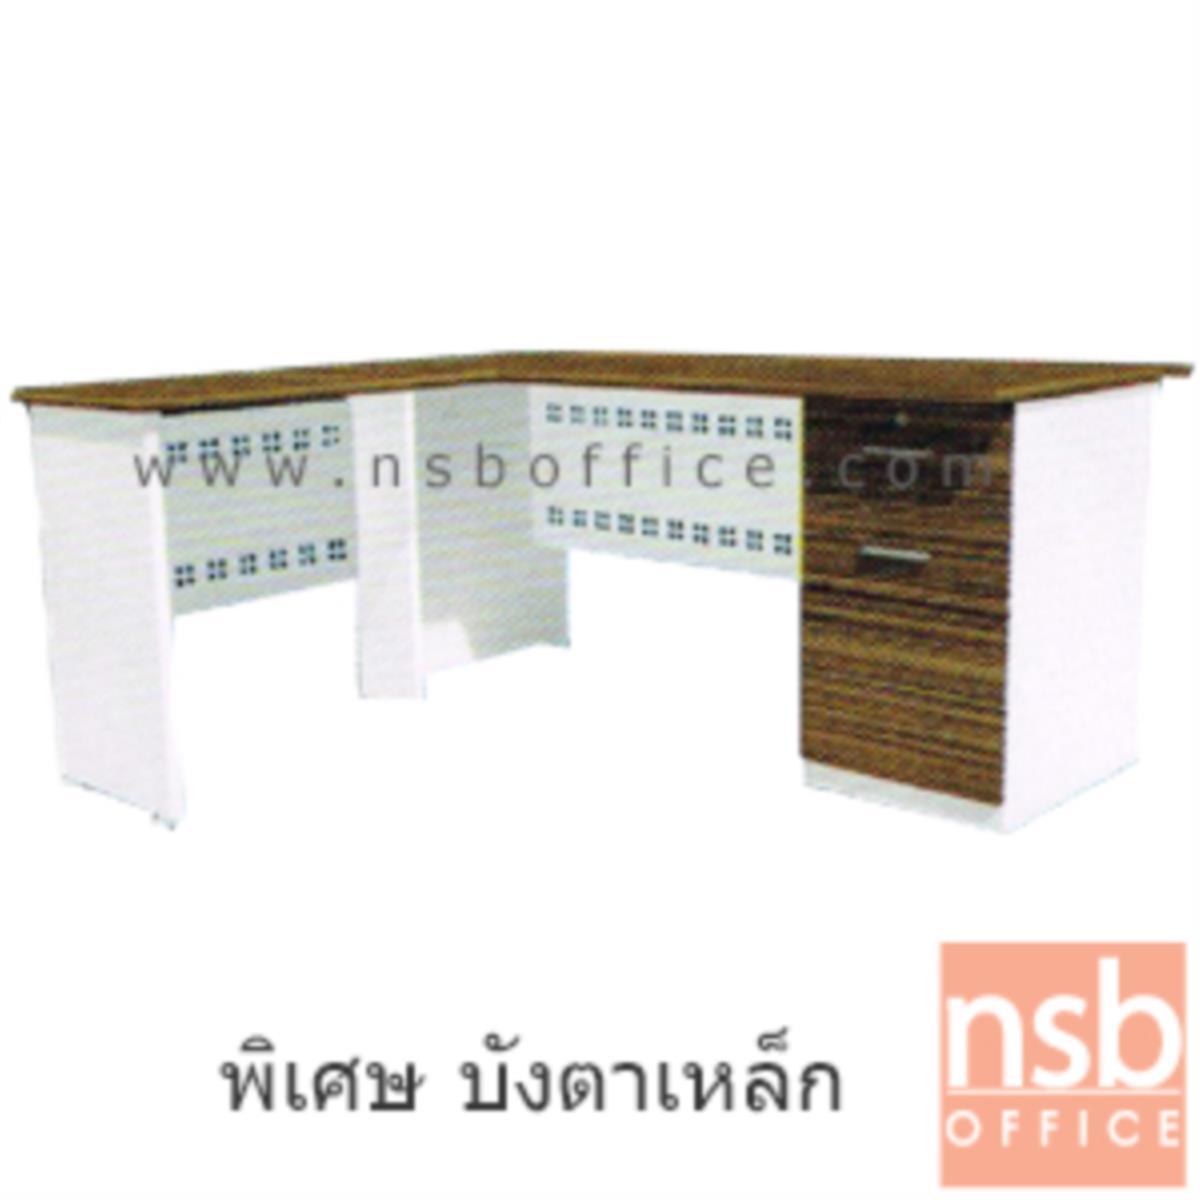 A34A028:โต๊ะทำงานตัวแอล 2 ลิ้นชัก รุ่น Rosebirsh (โรสเบิร์ช) ขนาด 120W1*80W2 cm. พร้อมบังโป๊เหล็ก สีซีบราโน่-ขาว